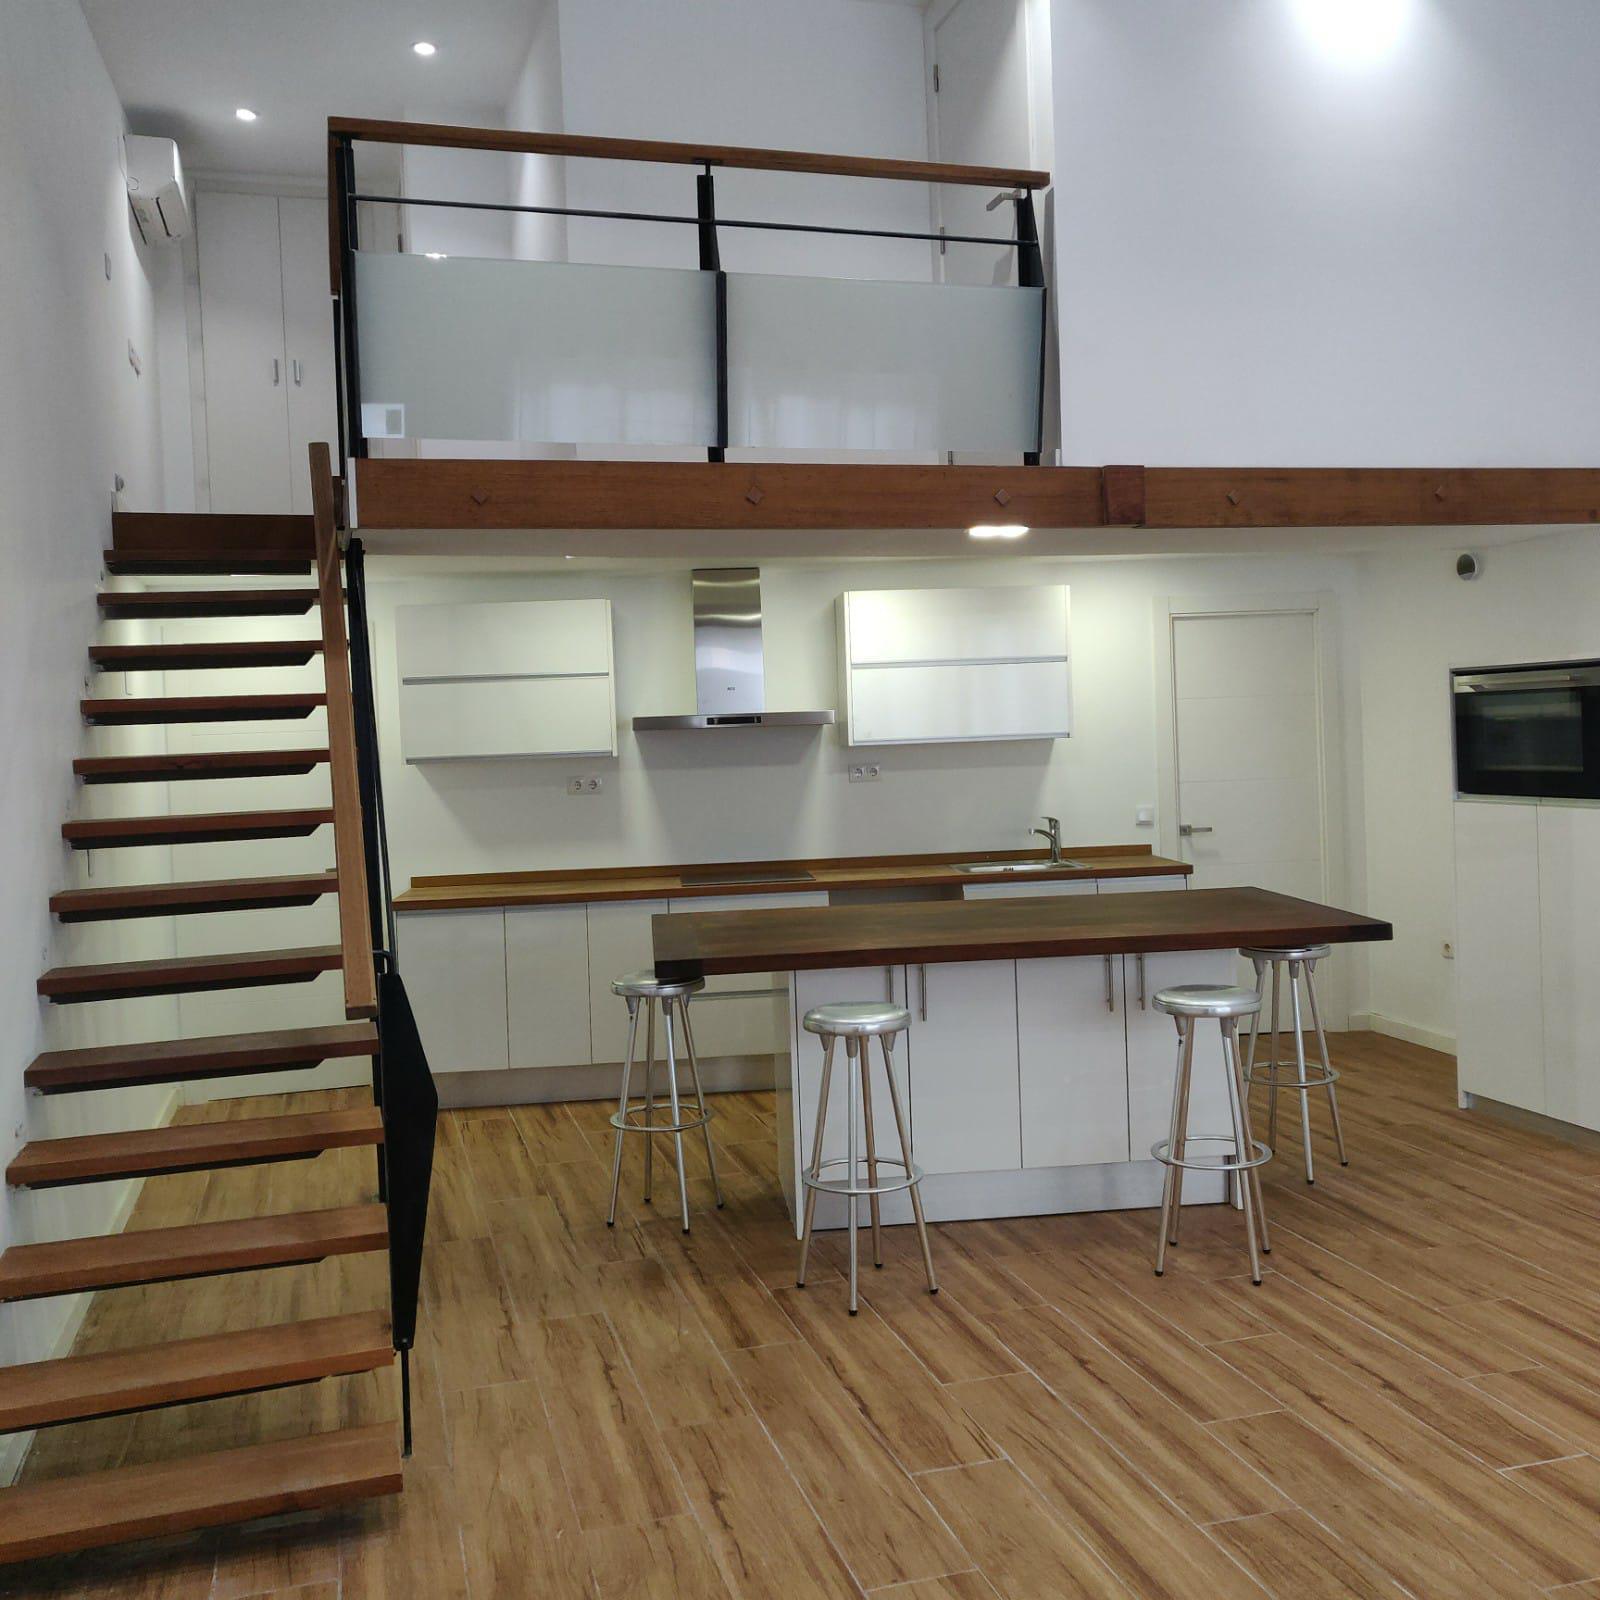 Imagen 1 Casa Aislada en venta en Hospitalet De Llobregat L´ / Junto al metro de torrasa.